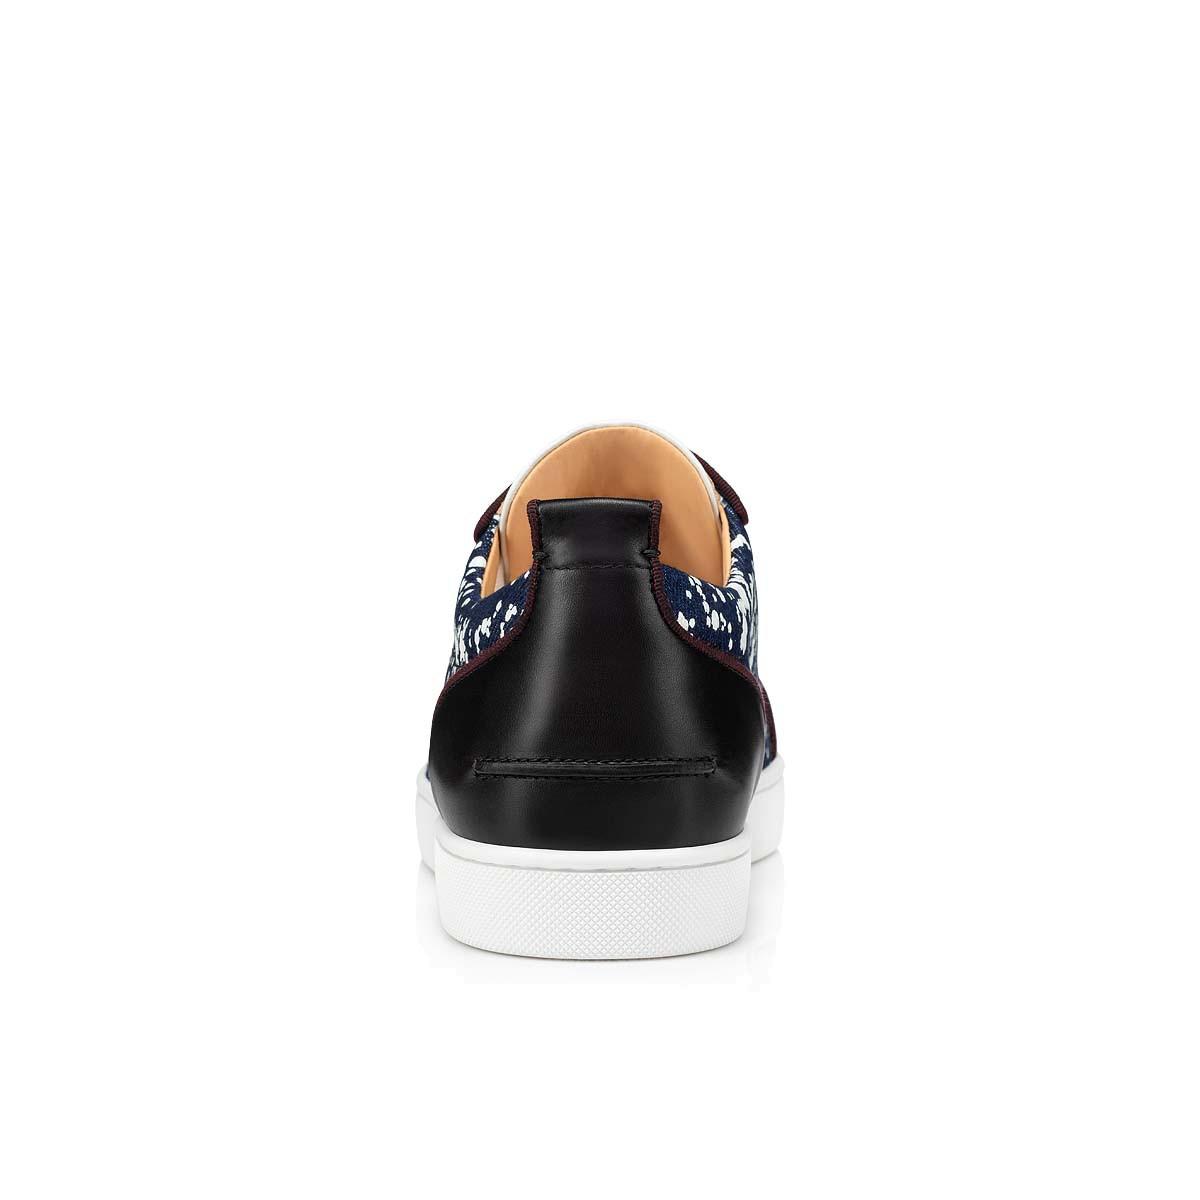 鞋履 - Louis Junior Spikes Orlato - Christian Louboutin